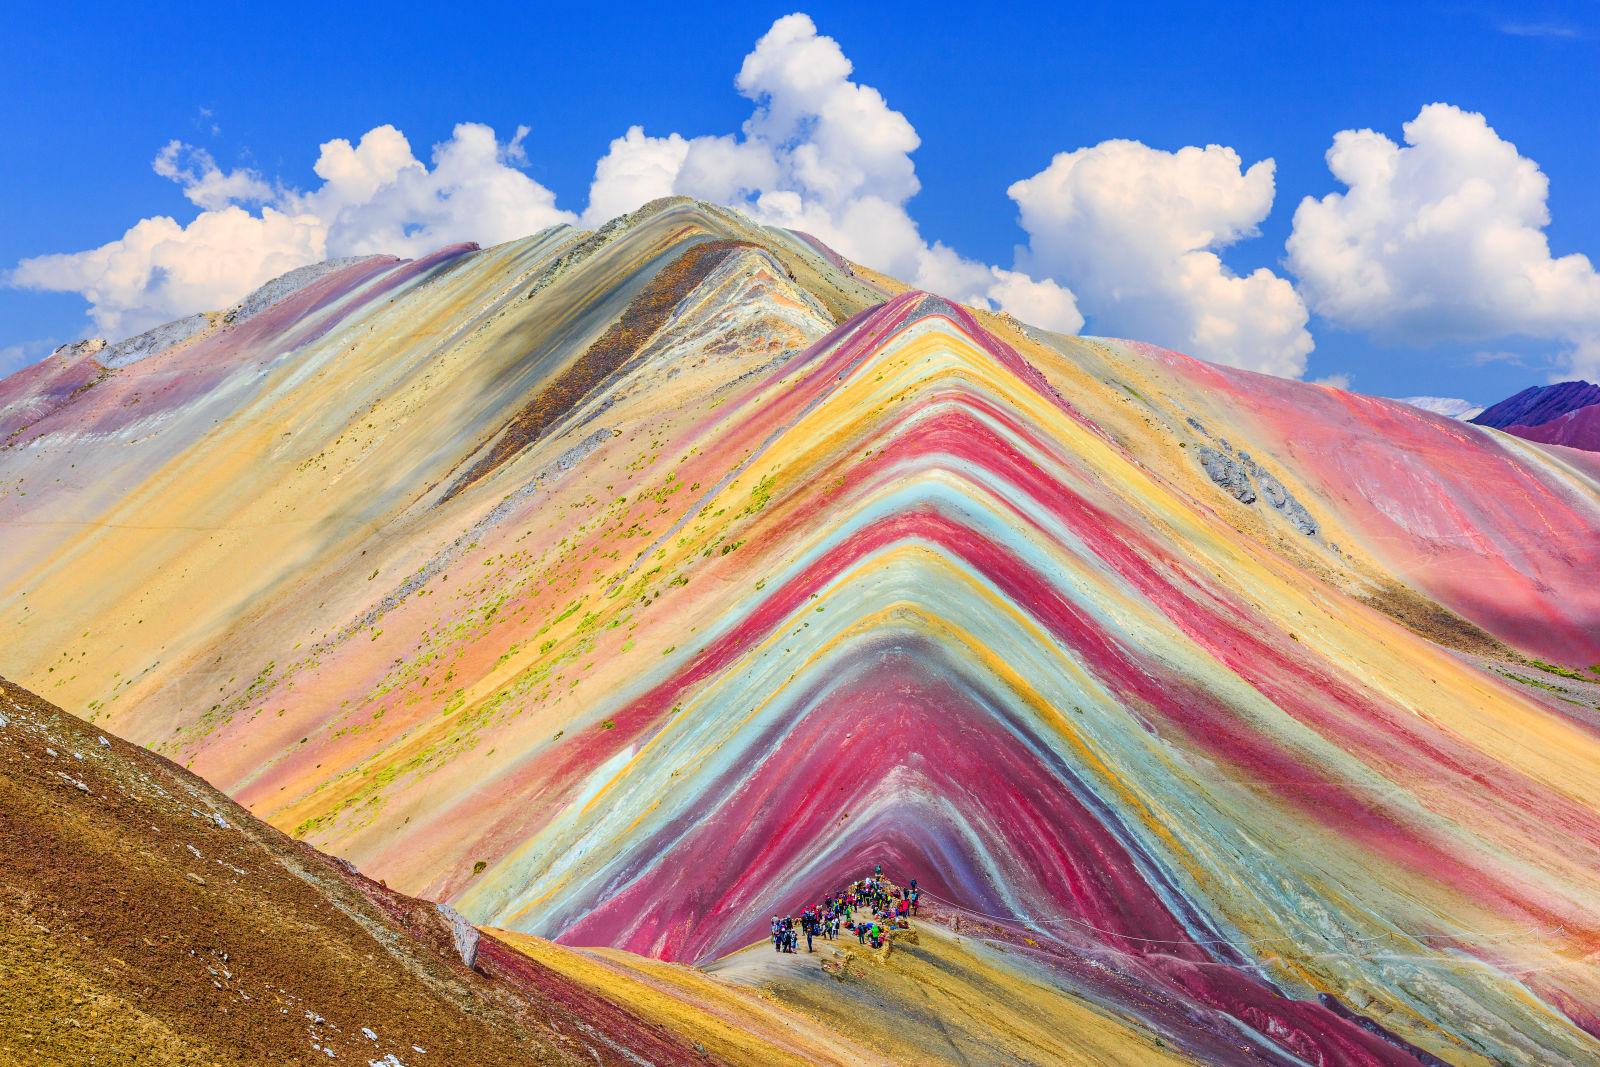 Peru, South America